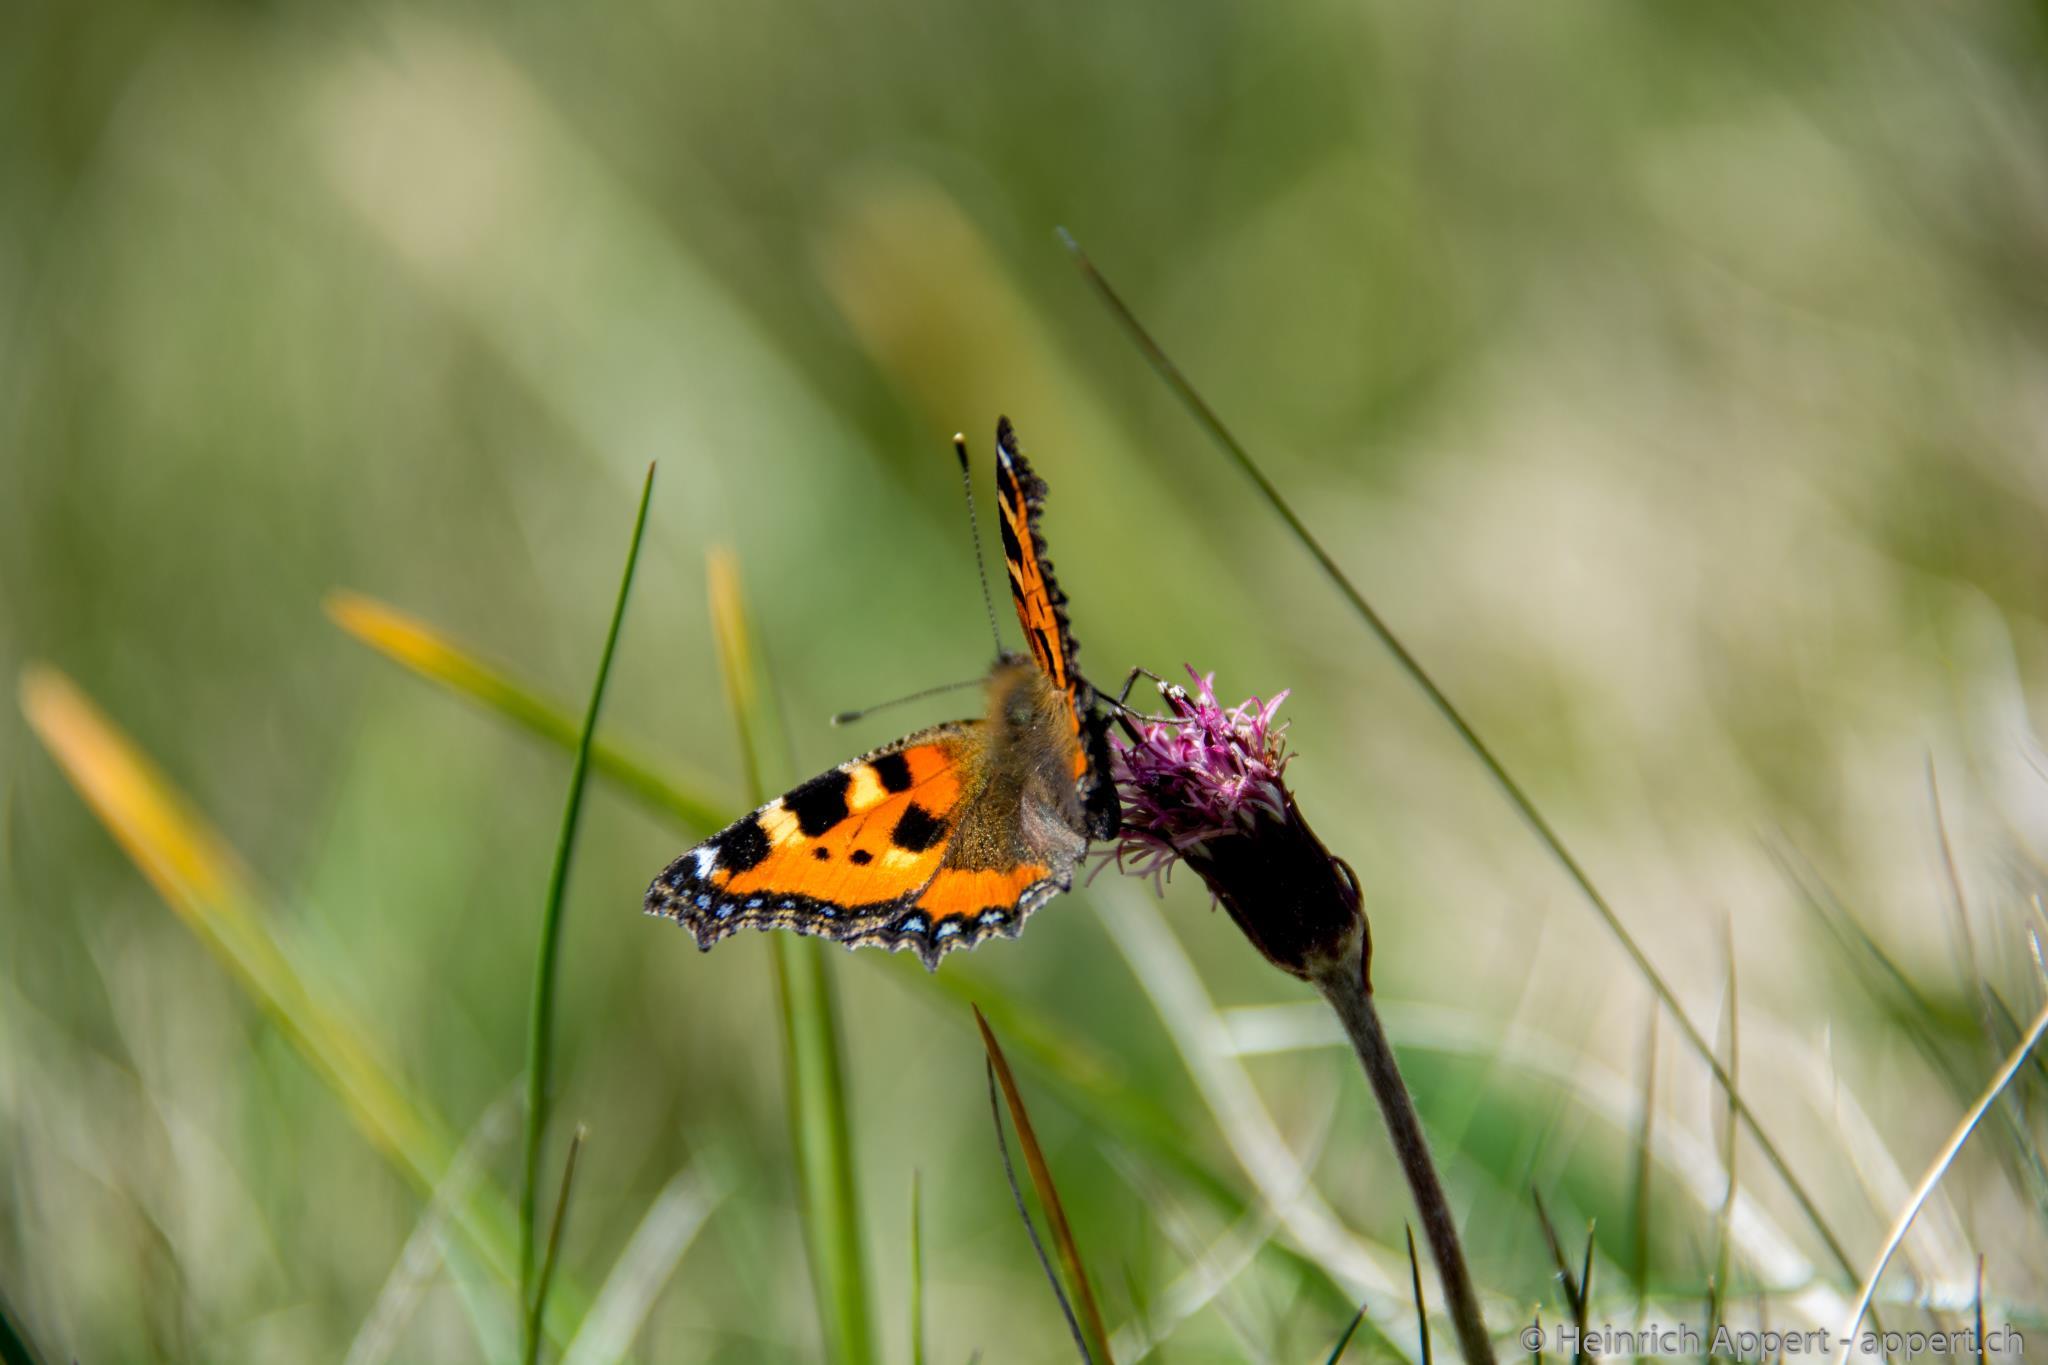 Grüner Alpenlattich mit Schmetterling, der kleine Fuchs